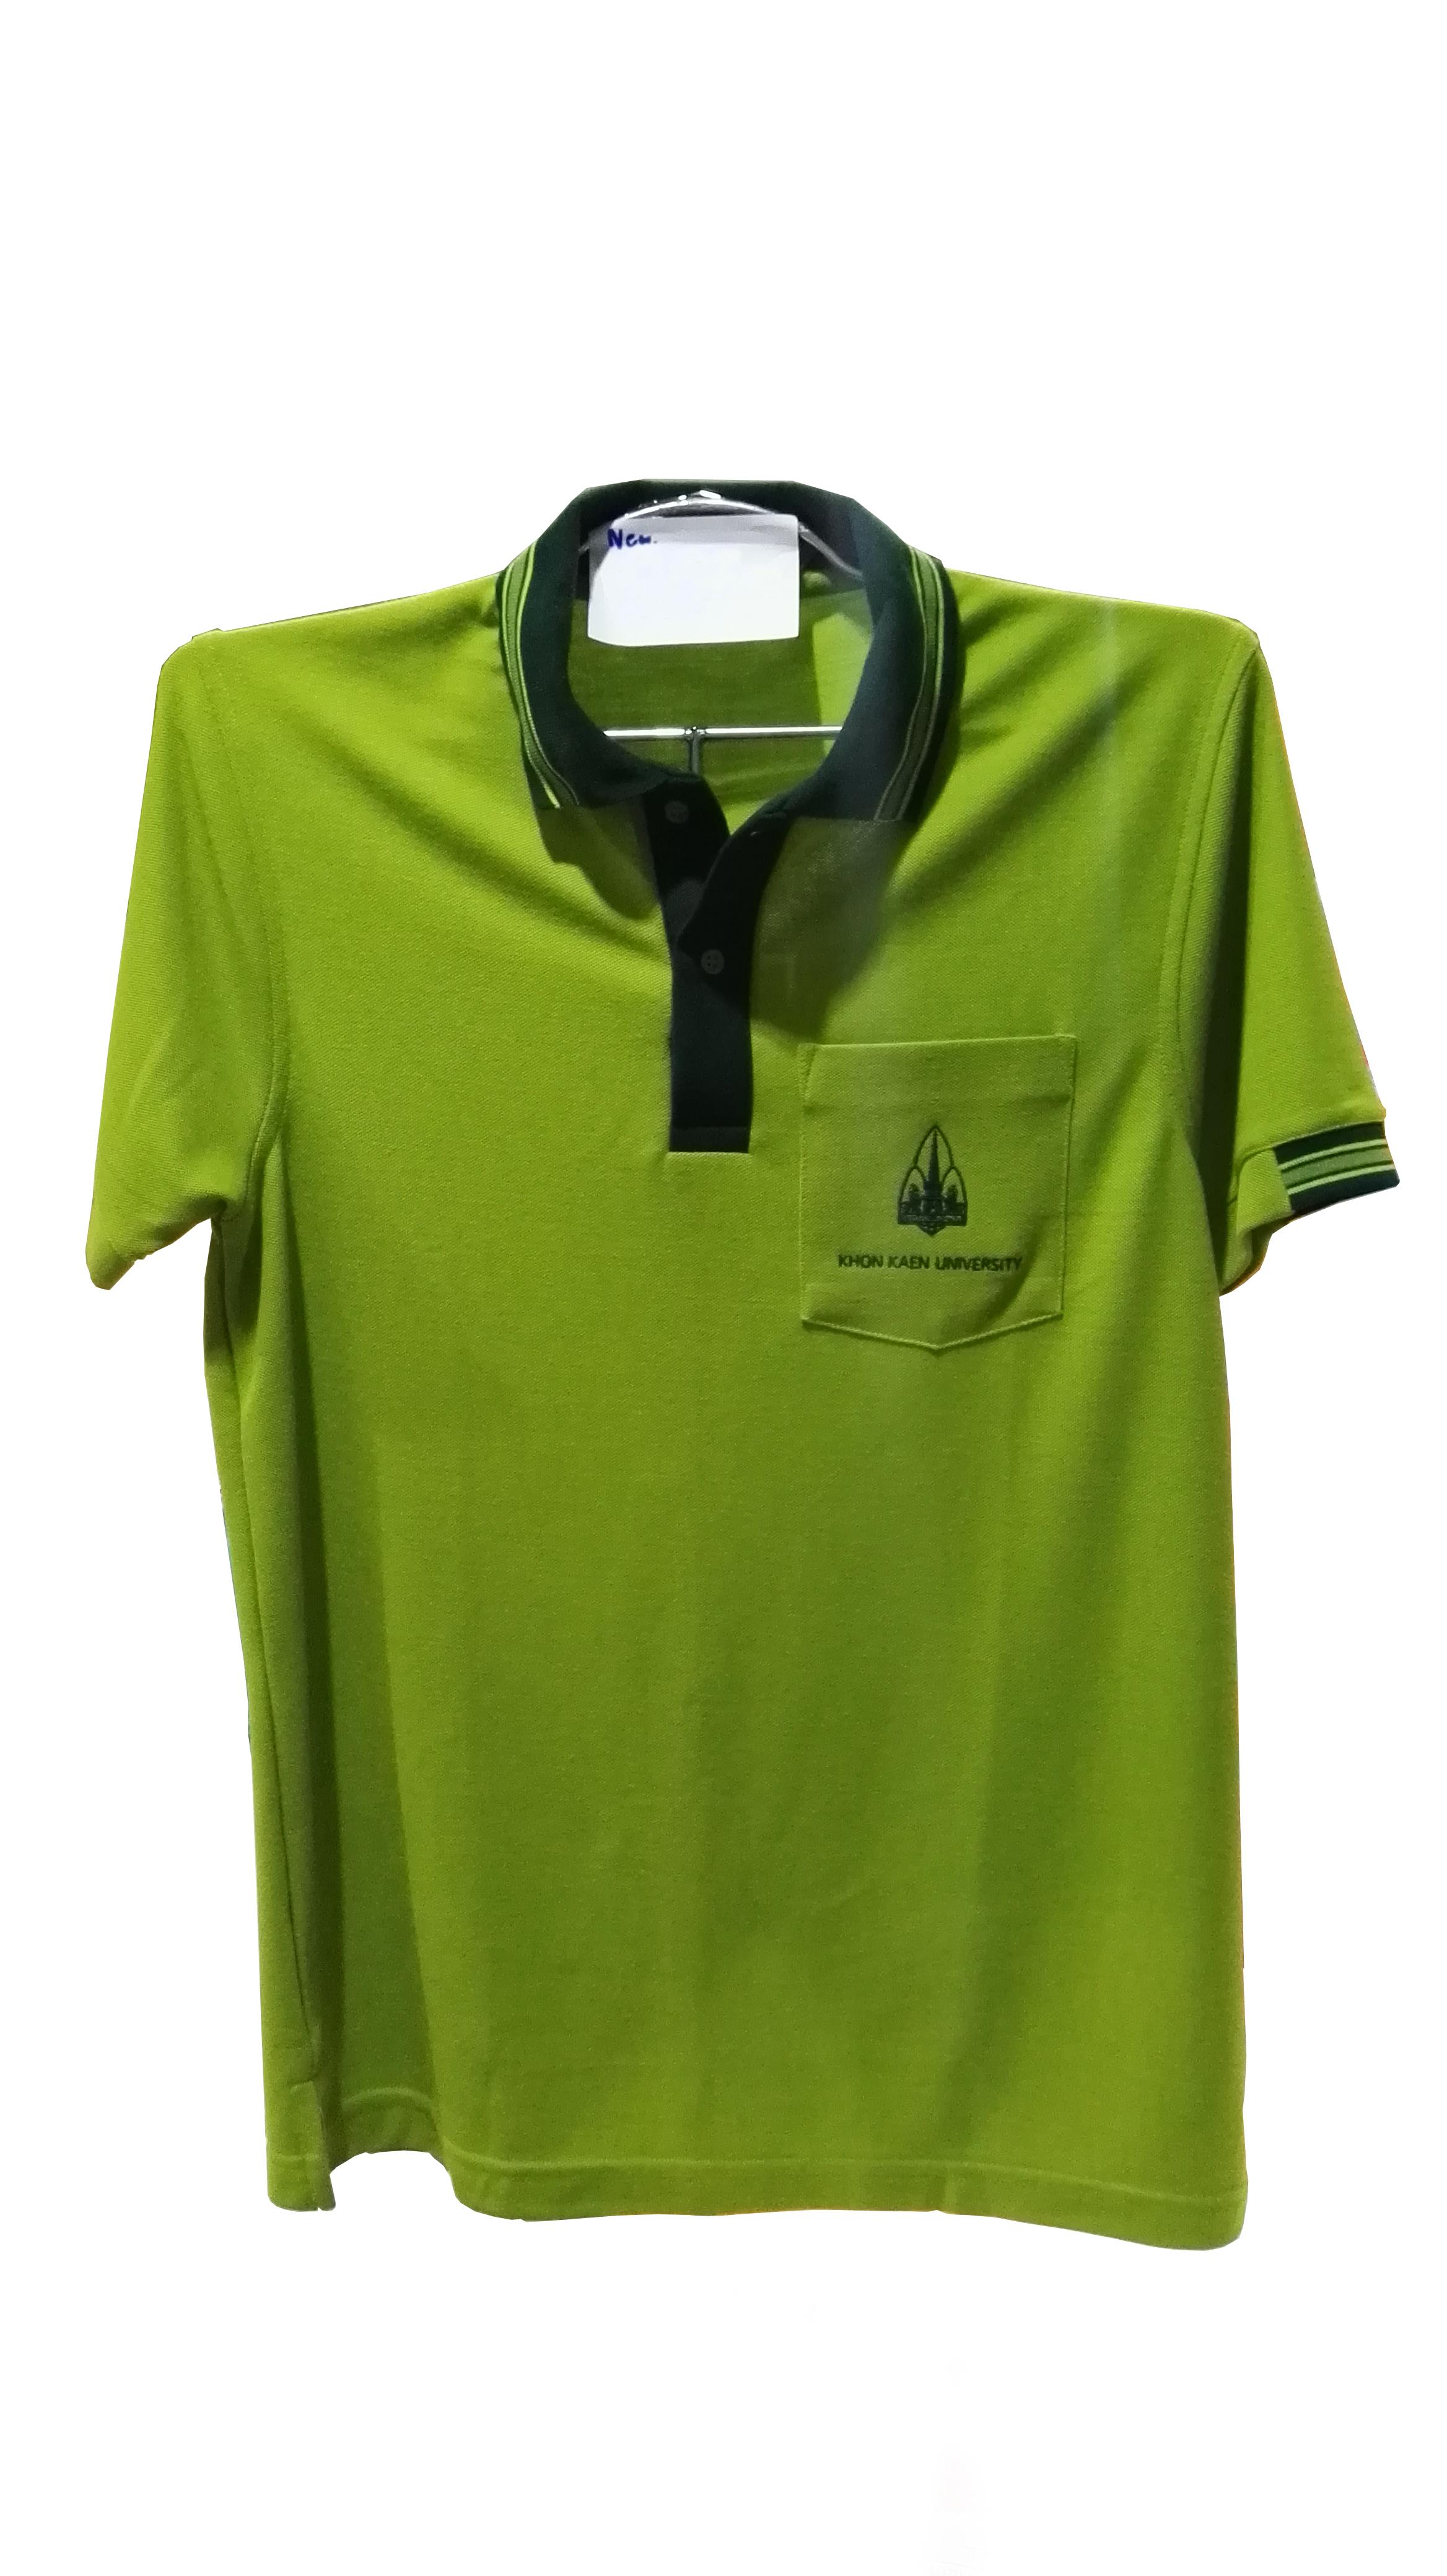 เสื้อโปโลสีเขียวขี้ม้า S(ชาย)